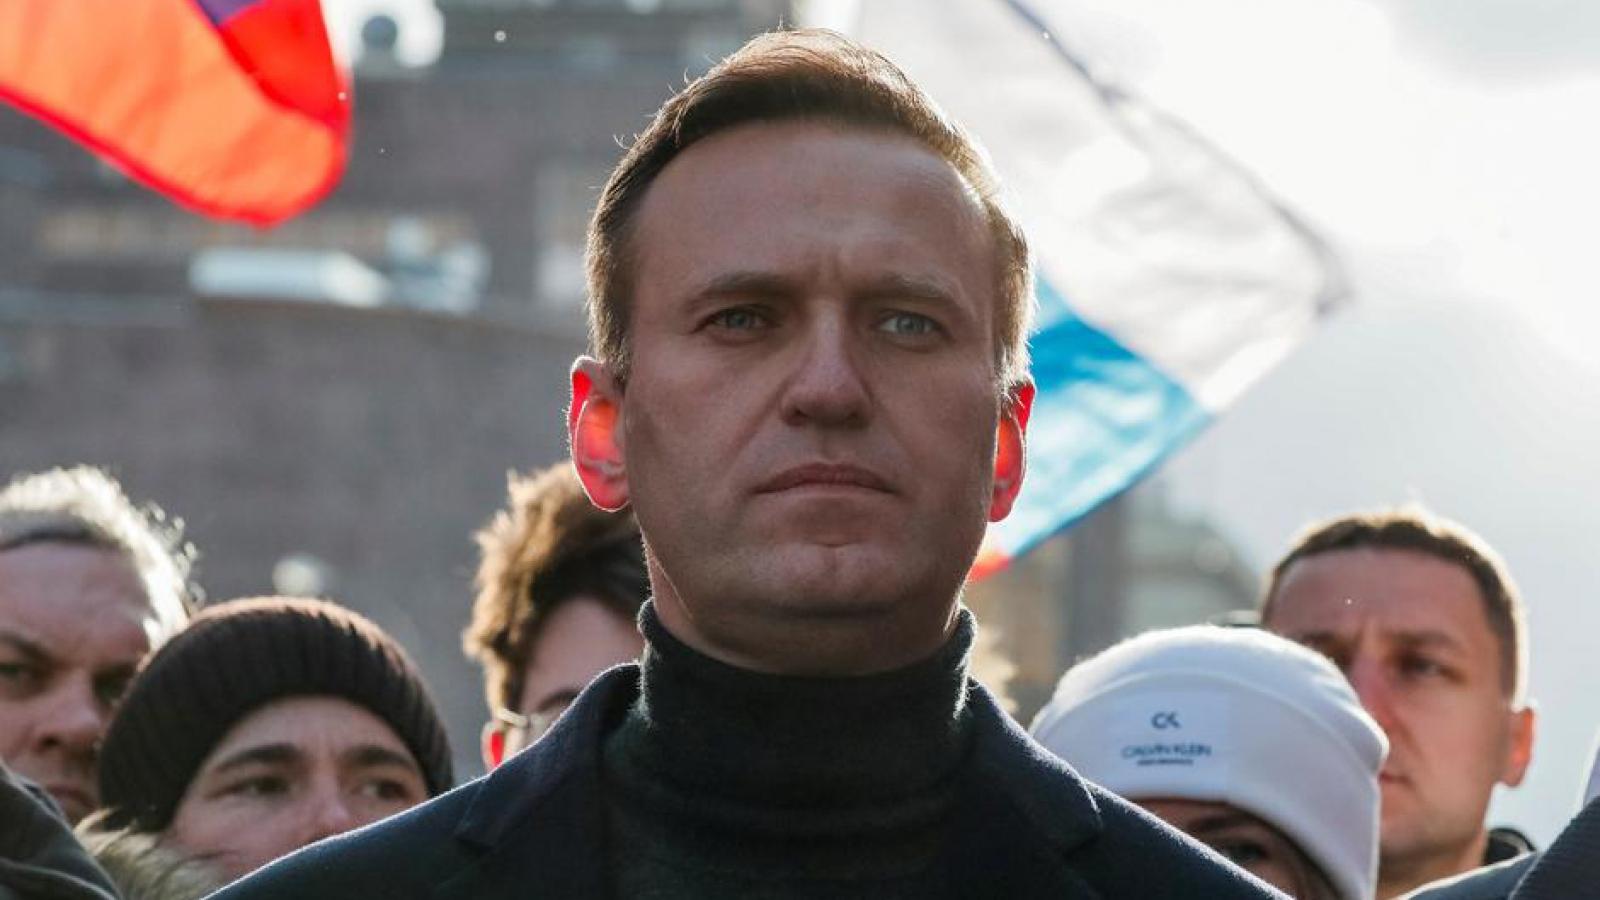 Vụ chính trị gia đối lập Nga hôn mê: EU cân nhắc trừng phạt, Nga phản pháo